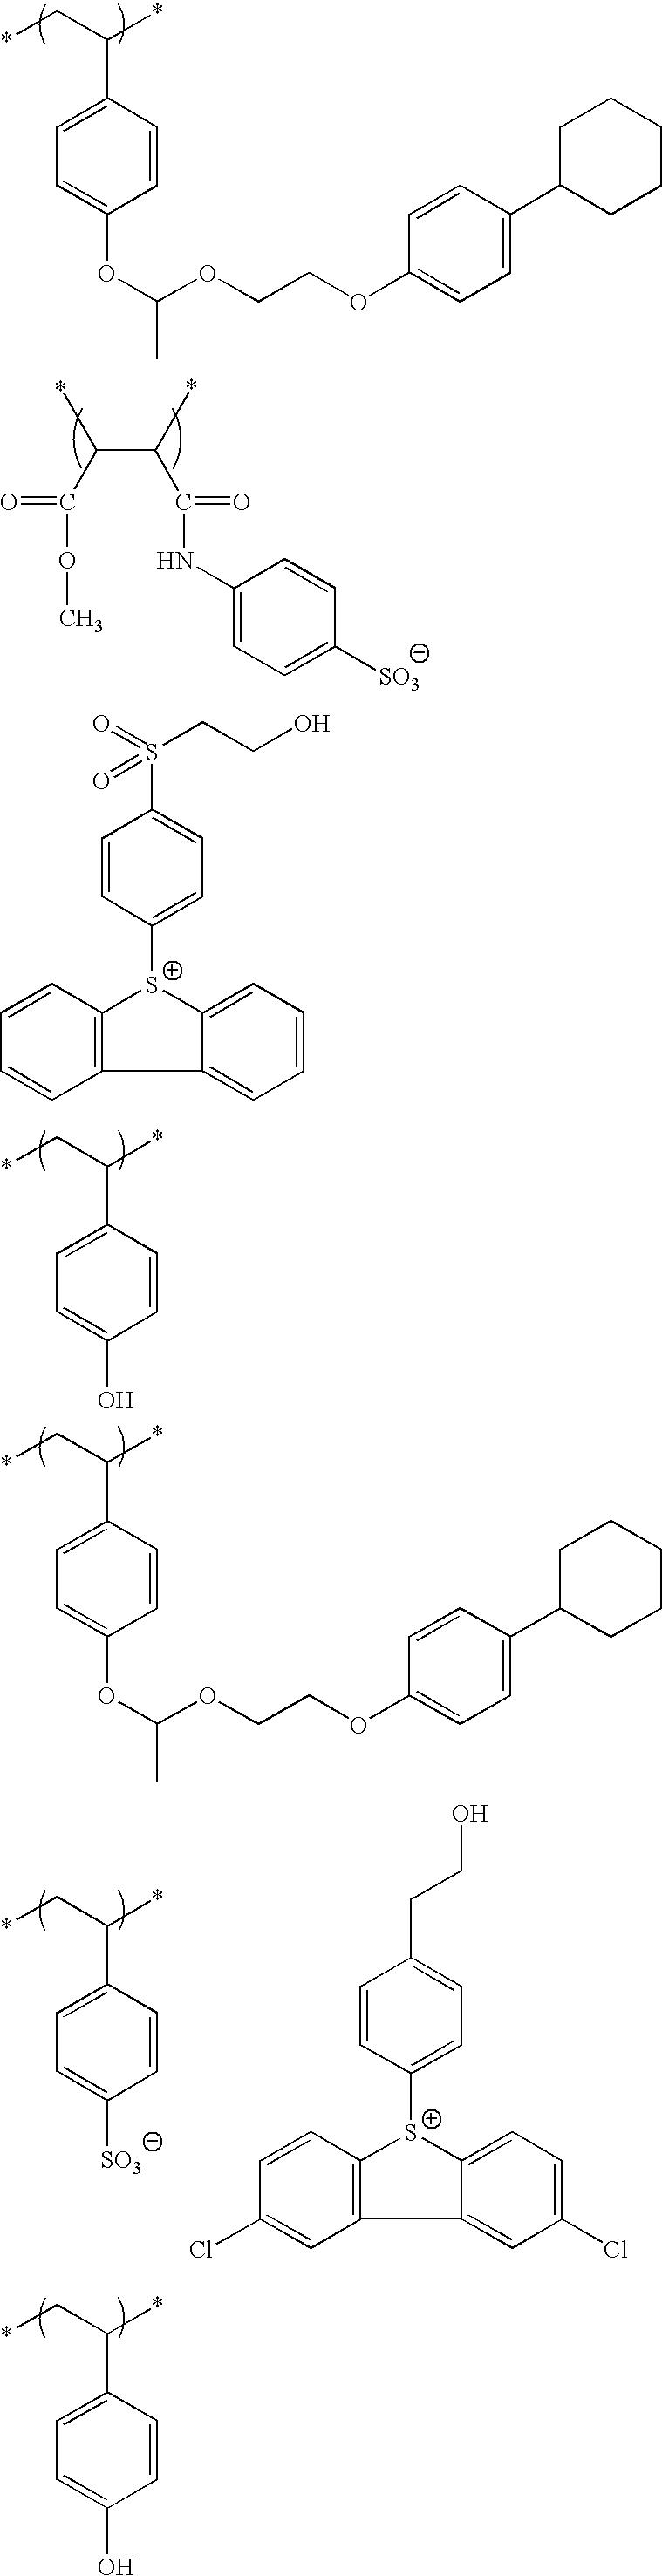 Figure US08852845-20141007-C00164